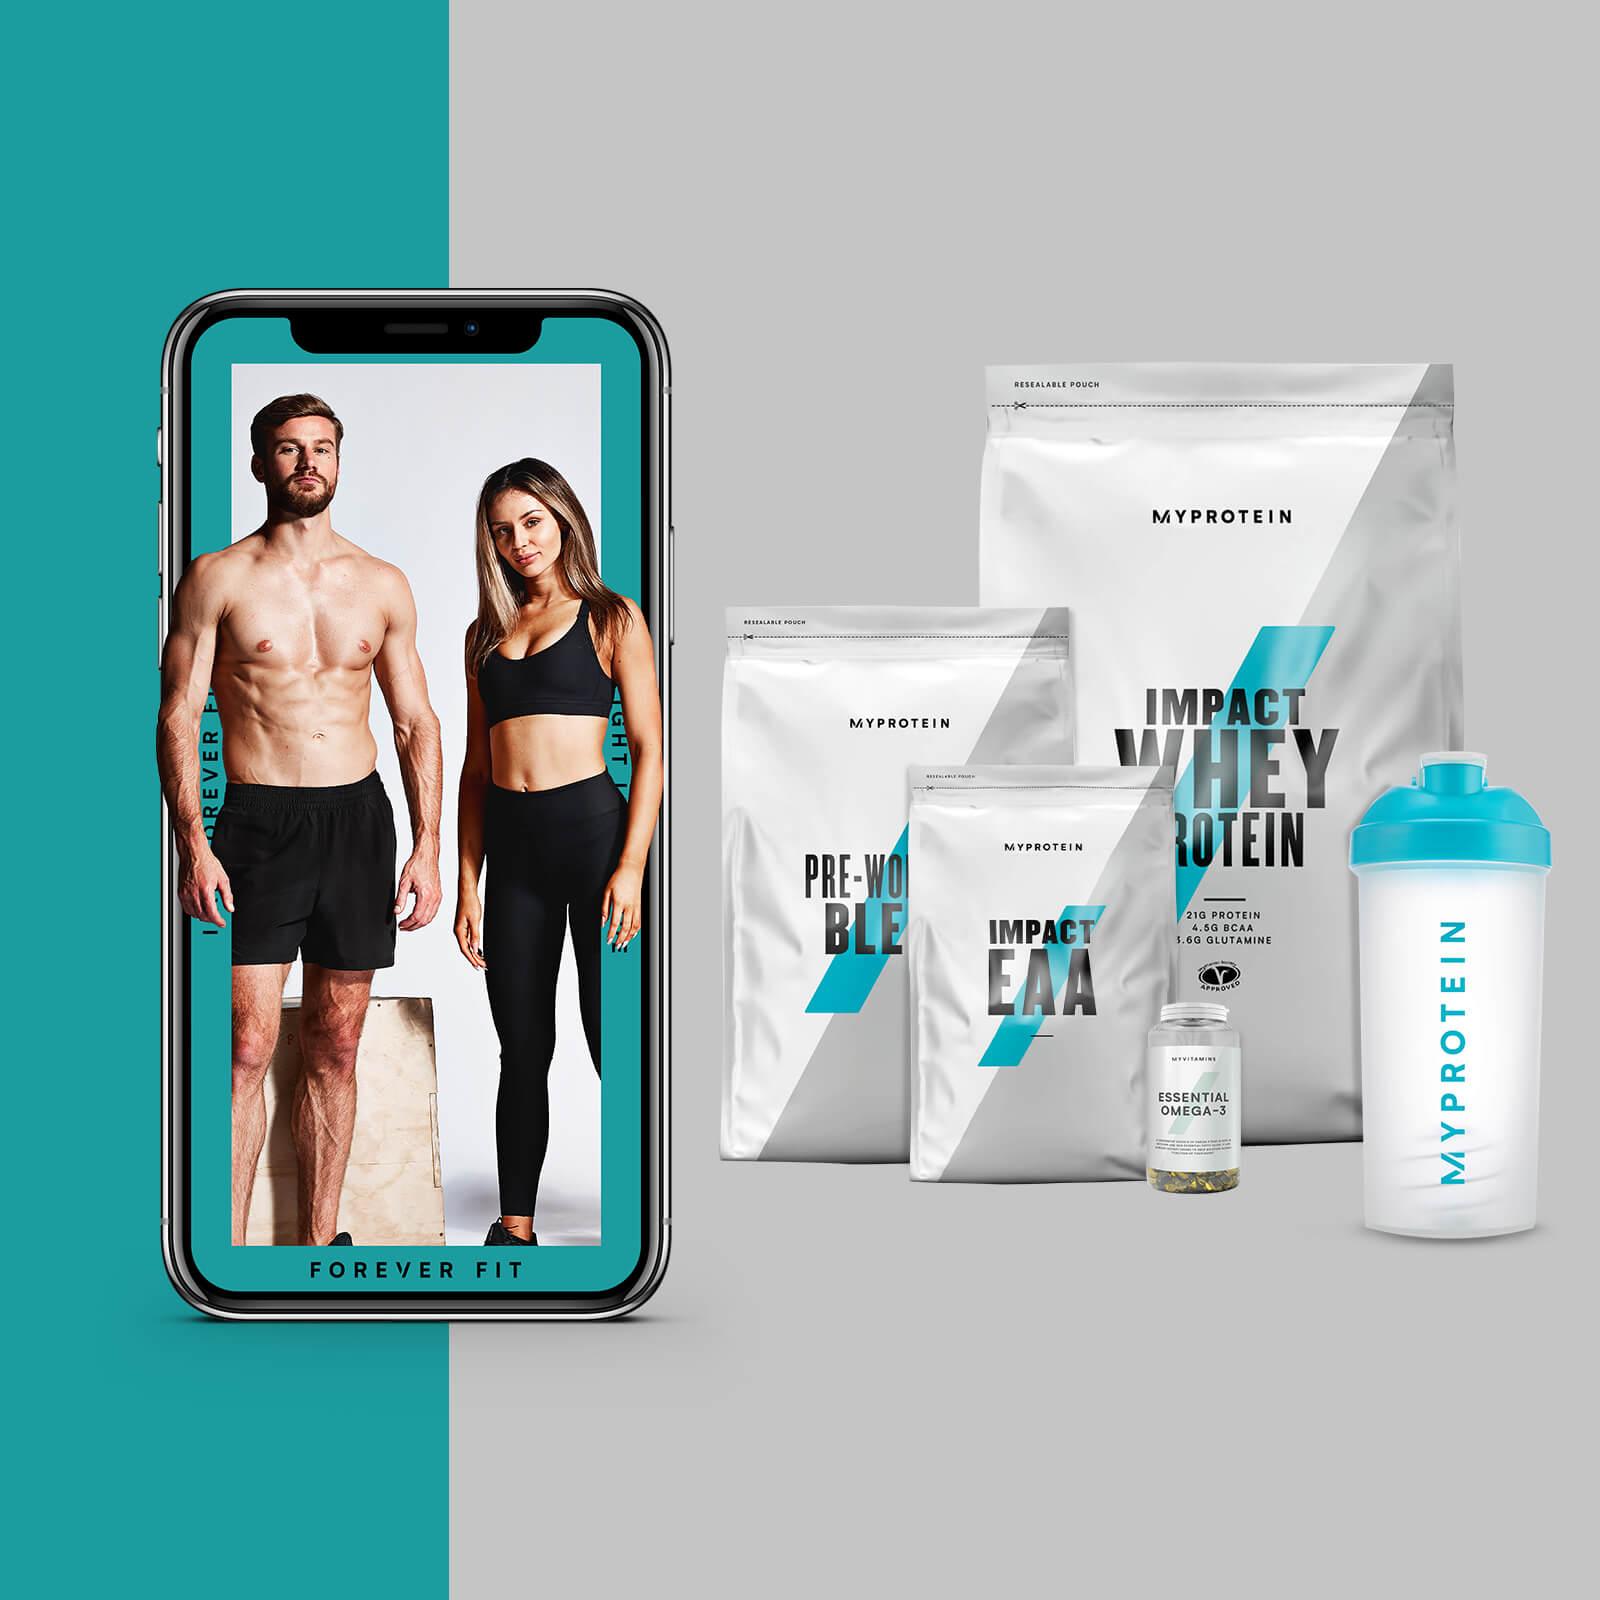 El Pack para Perder Peso + Guía de entrenamientos y nutrición - Blue Raspberry - EAA - Tropical - Natural Strawberry